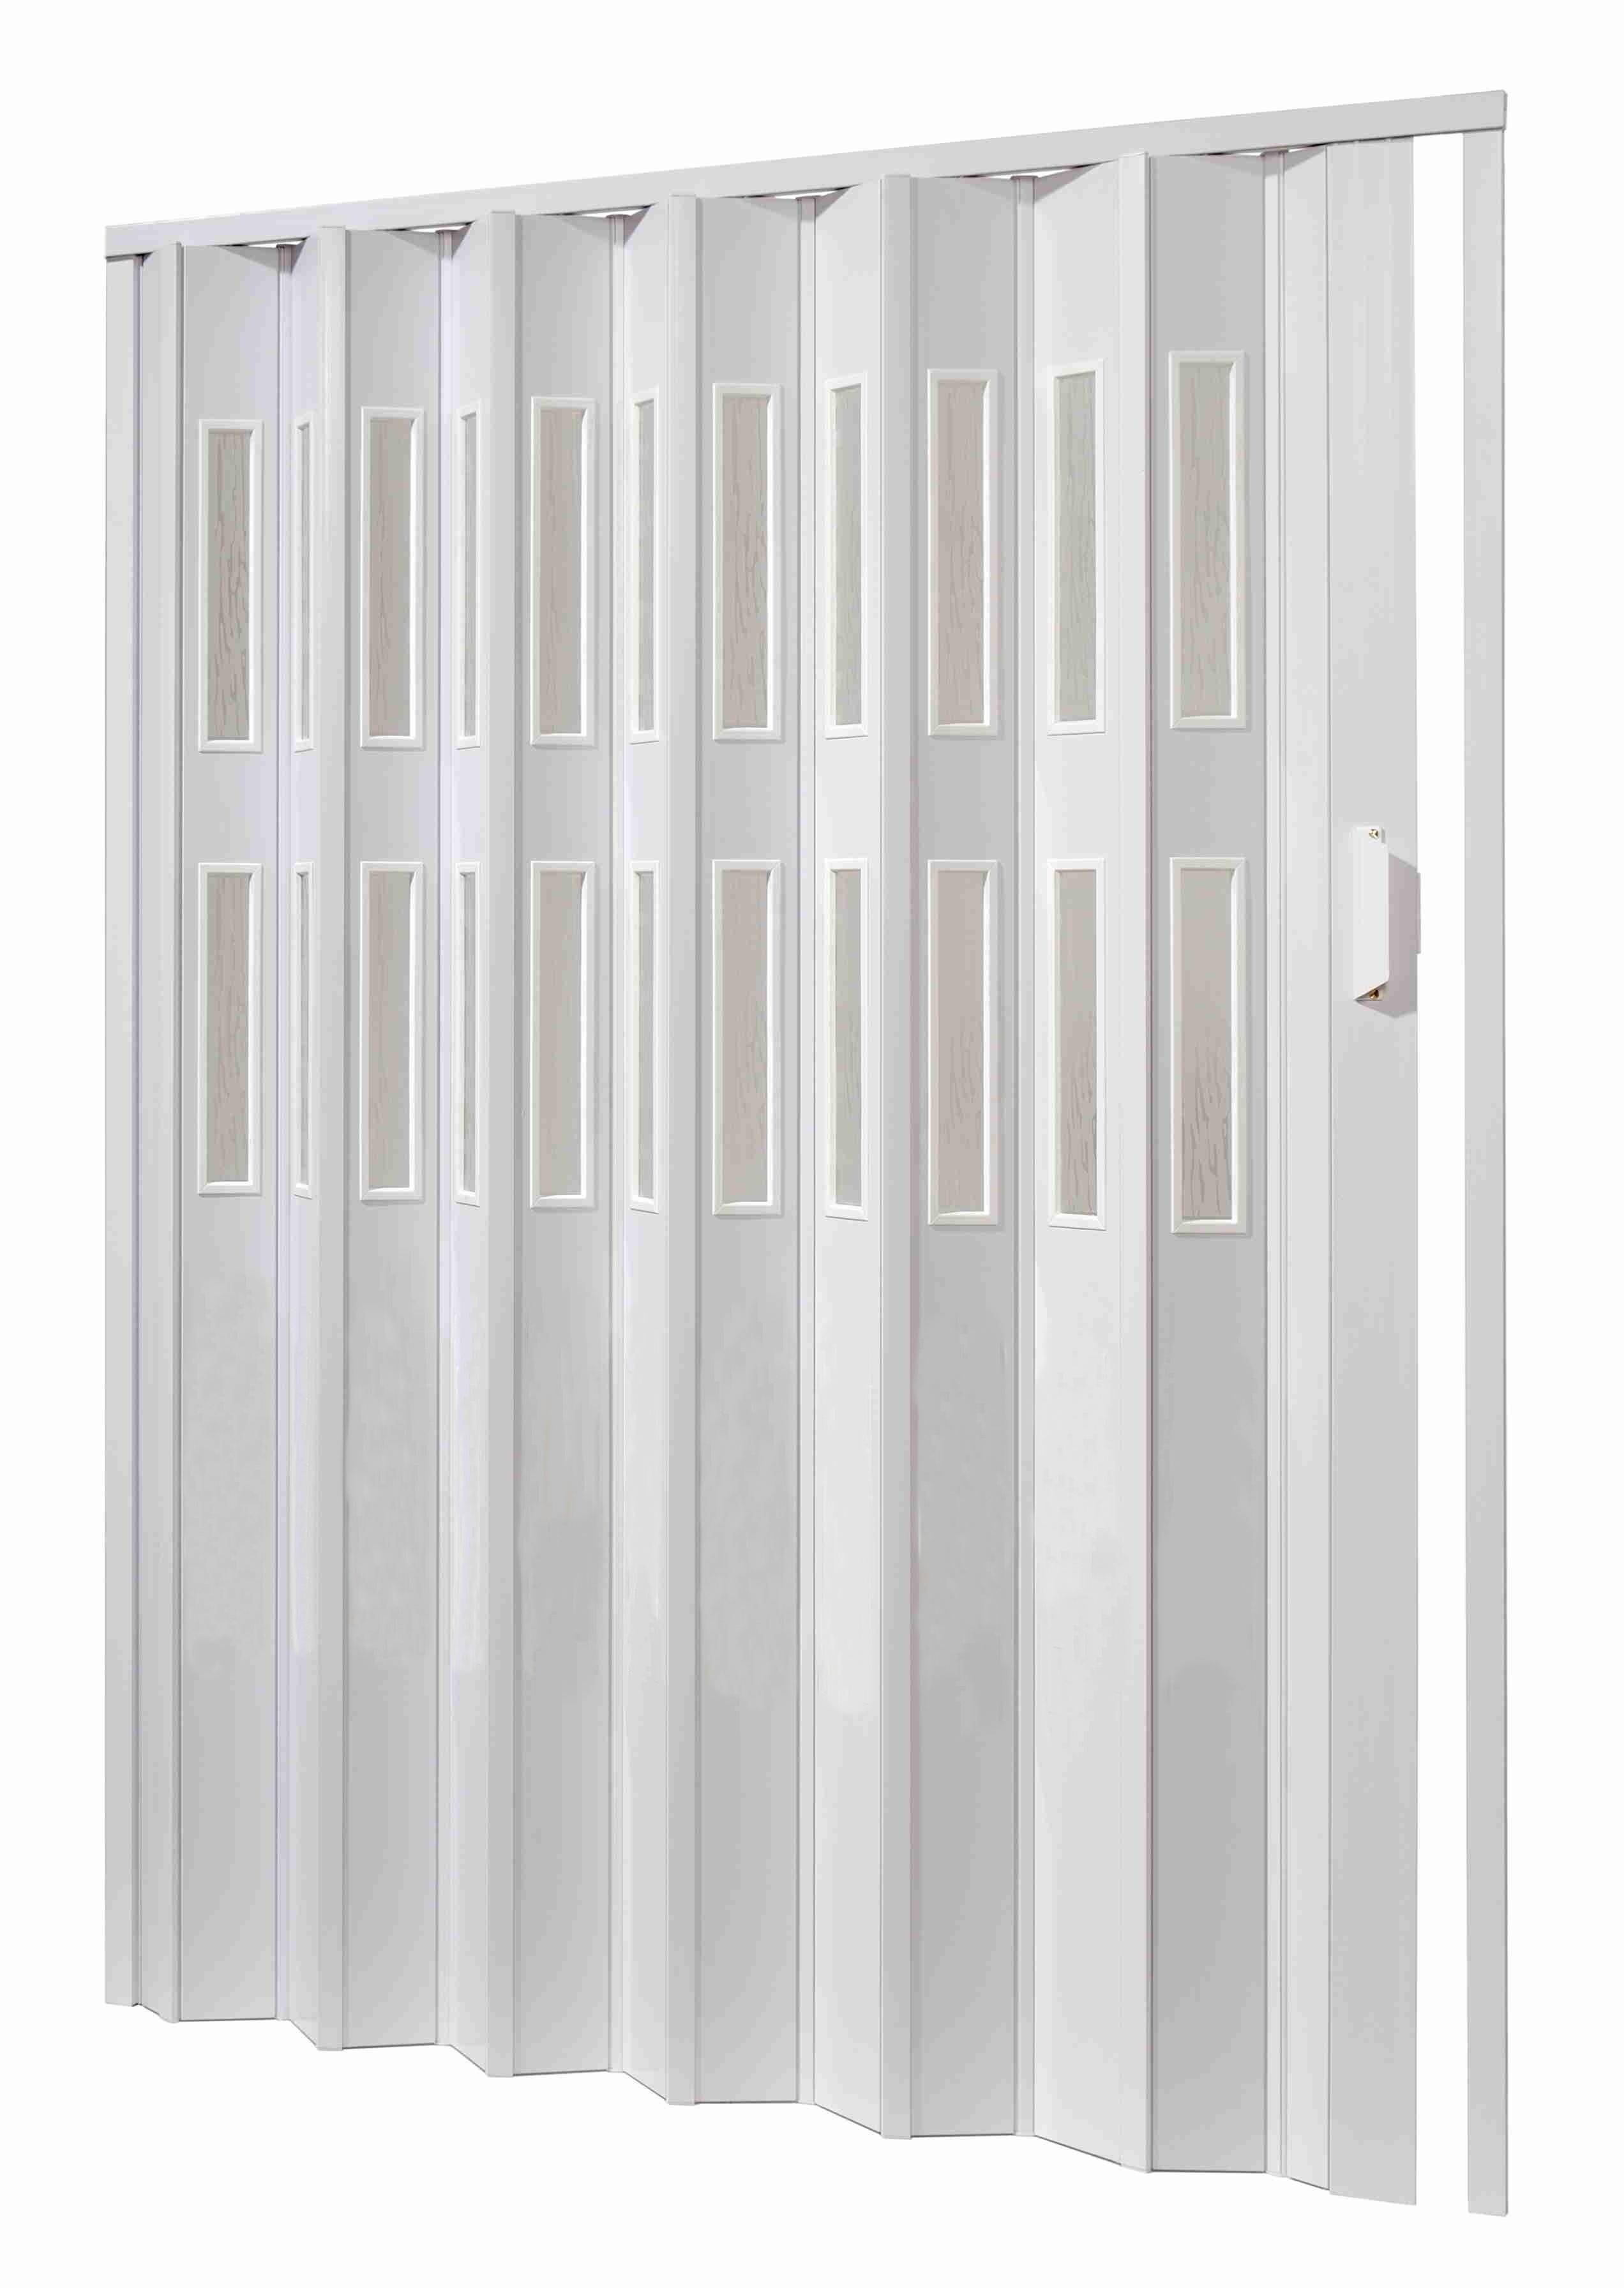 Shrnovací dveře plastové PETROMILA 1570x2000mm ODSTÍN: BÍLÁ, TYP DVEŘÍ: plné